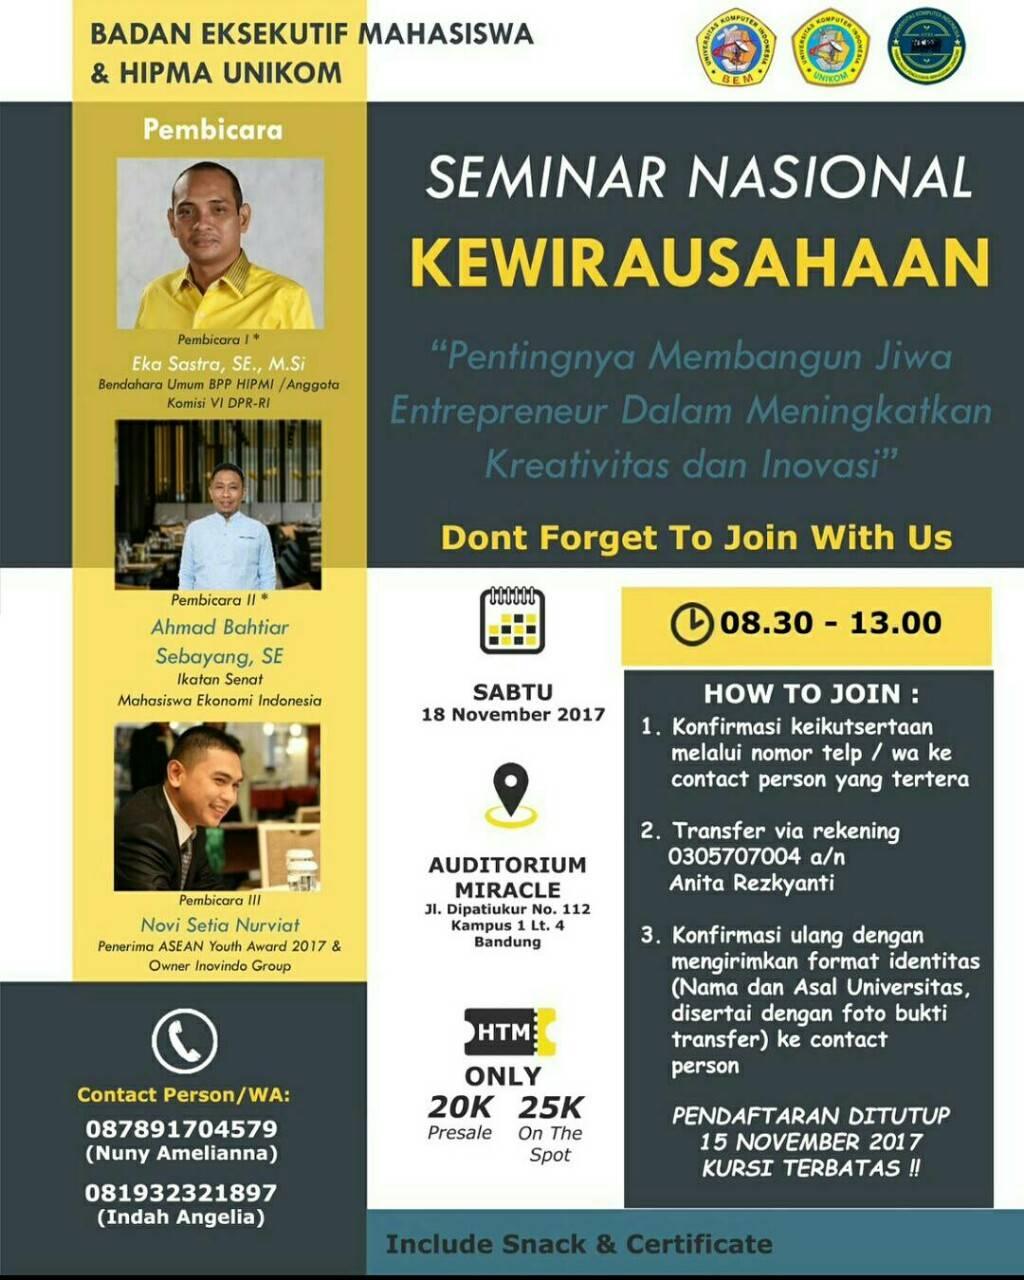 Seminar Nasional Kewirausahaan